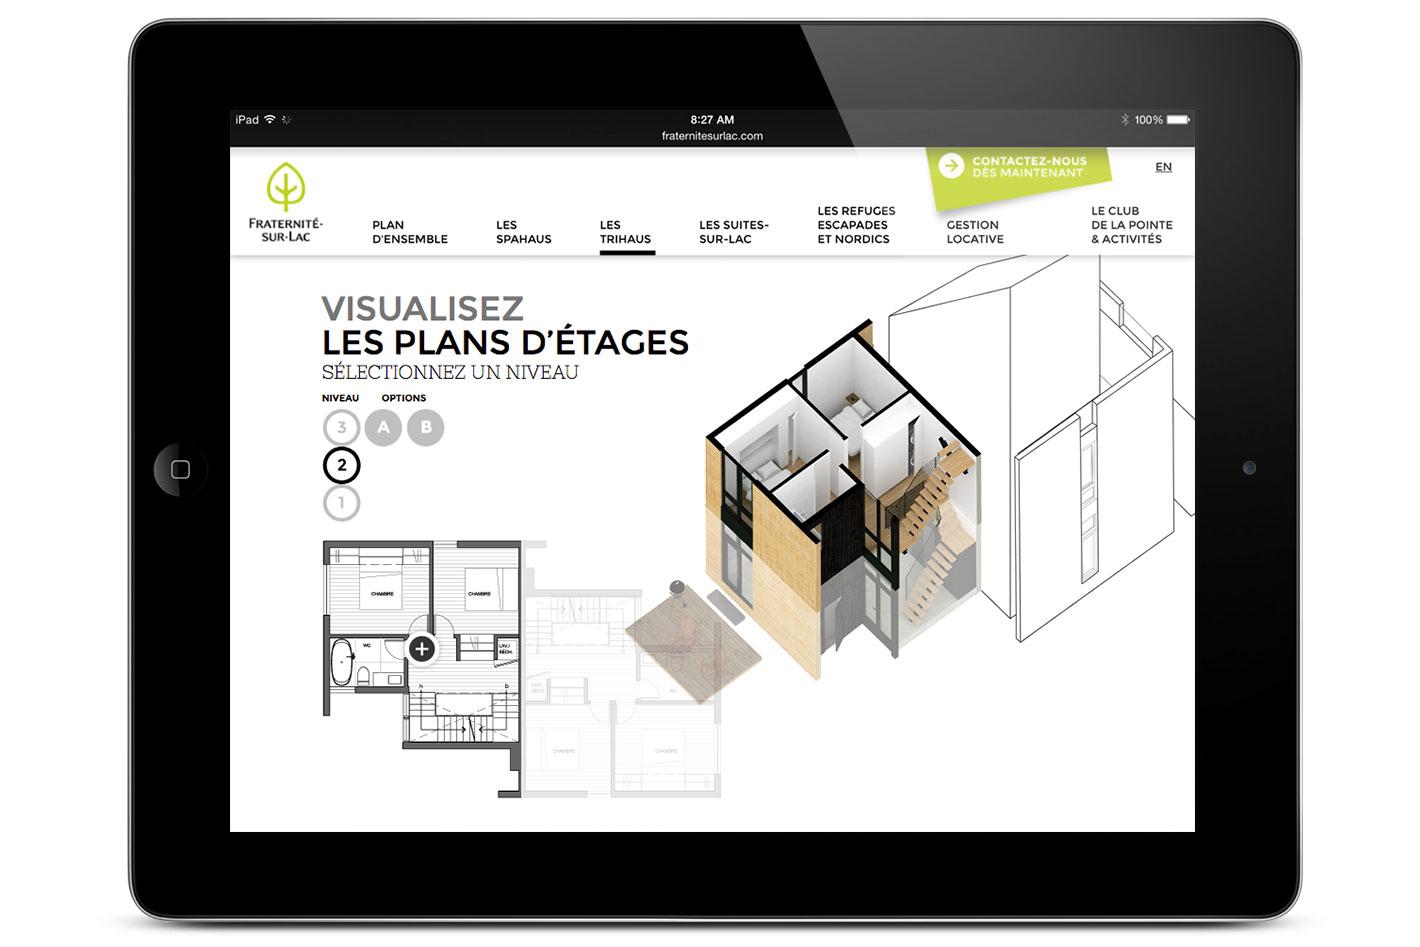 Spahaus_IMGS_1420x947-iPad-3